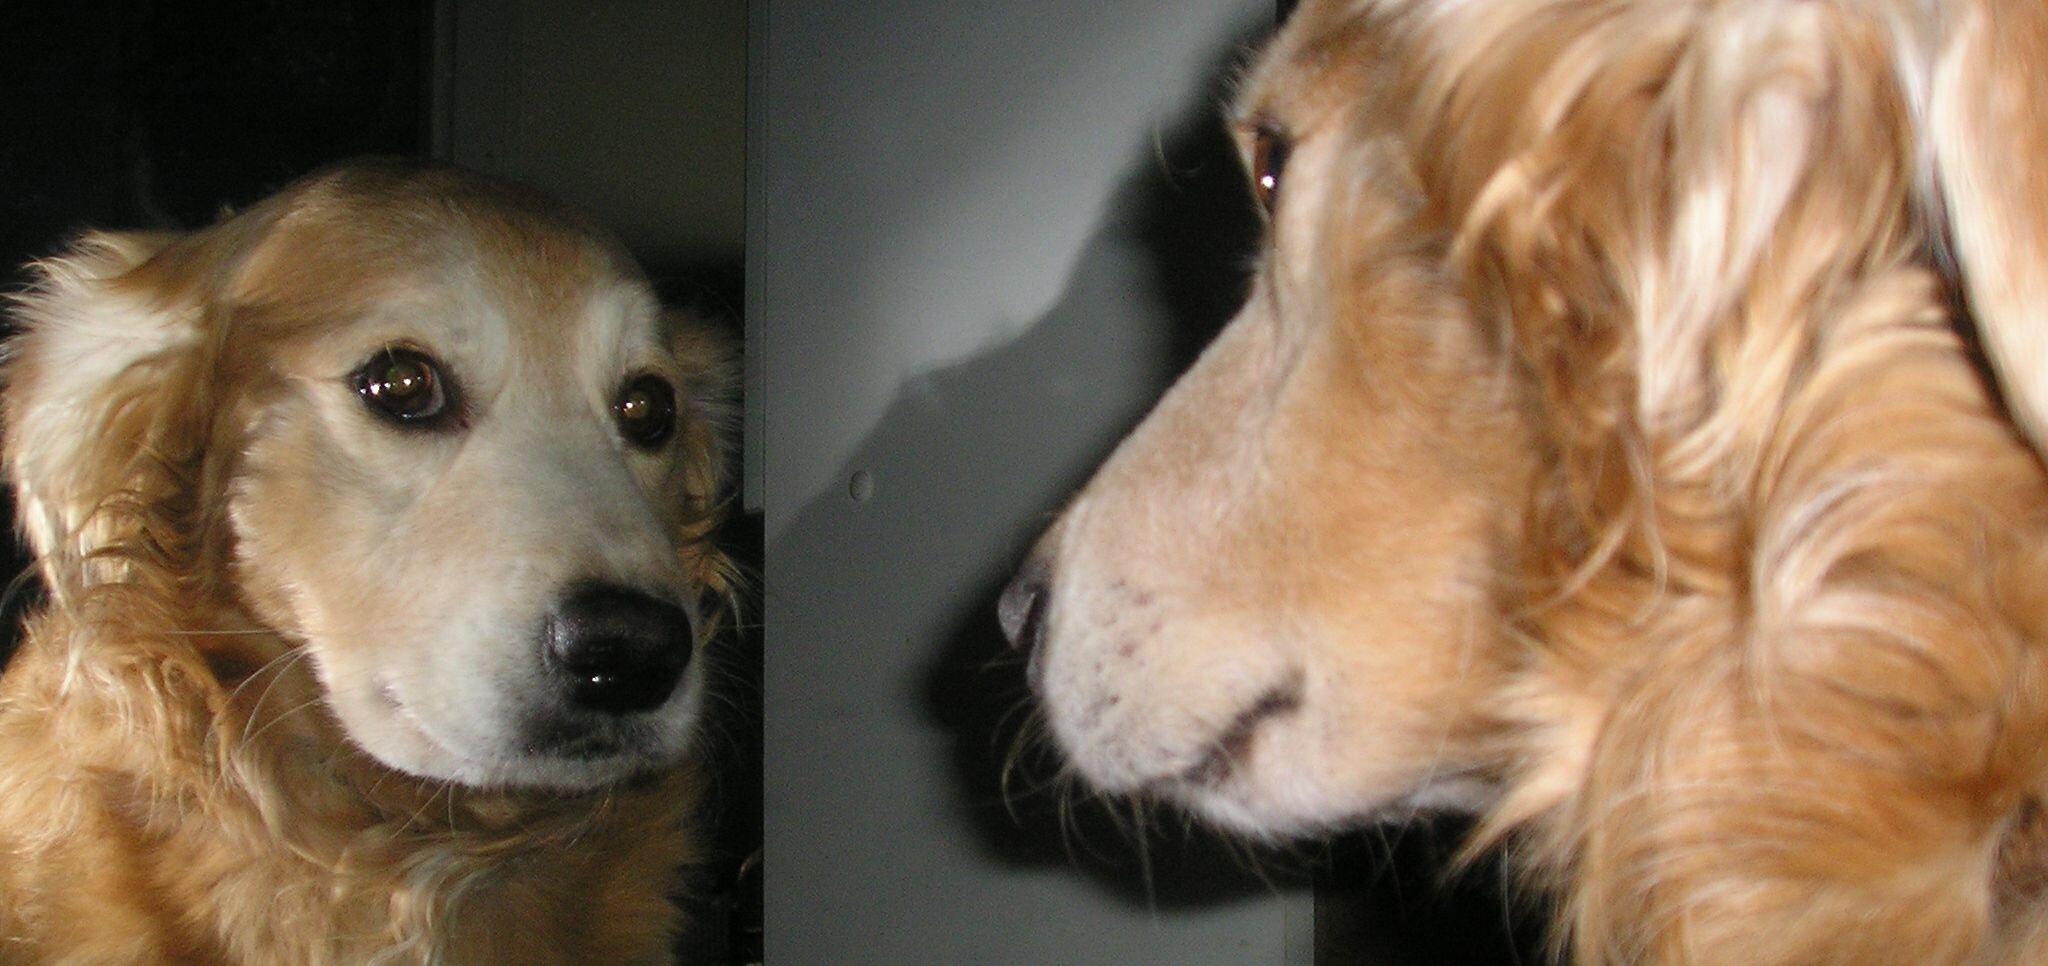 Pies patrzący wlustro Źródło: domena publiczna.